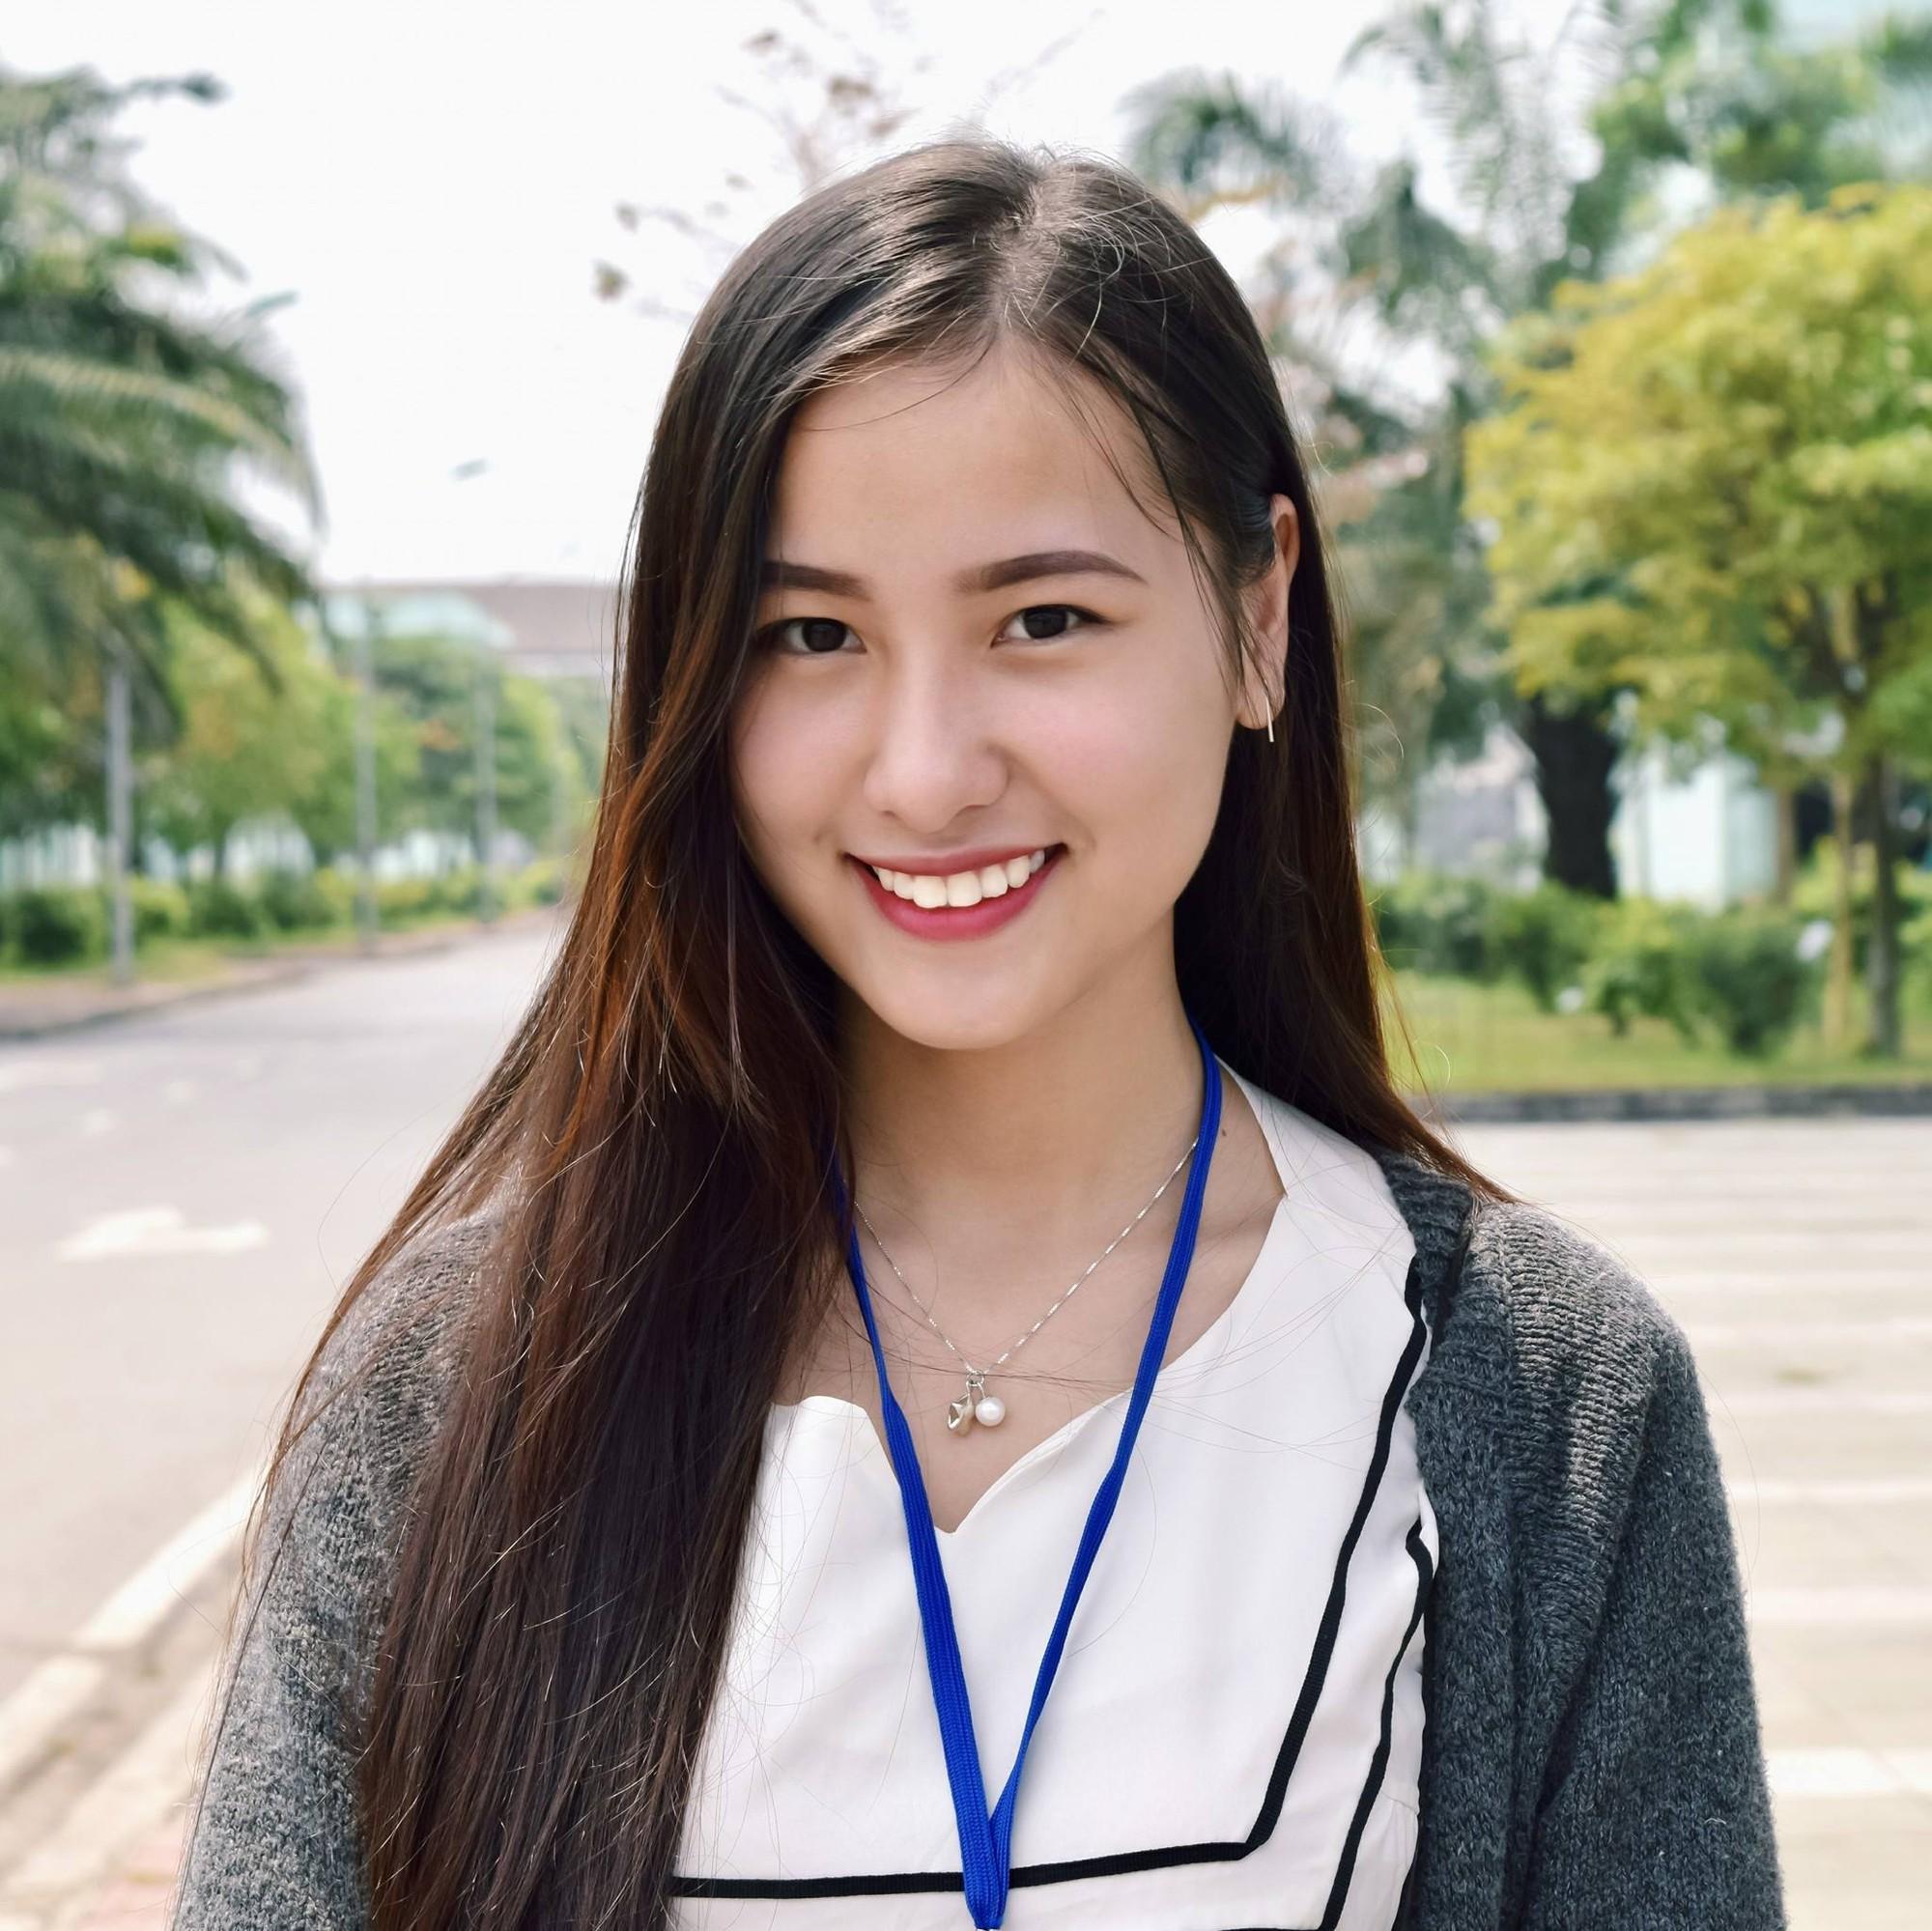 Hoa khôi, Á khôi tài sắc vẹn toàn chọn trở thành cô giáo, giảng viên ĐH - Ảnh 9.